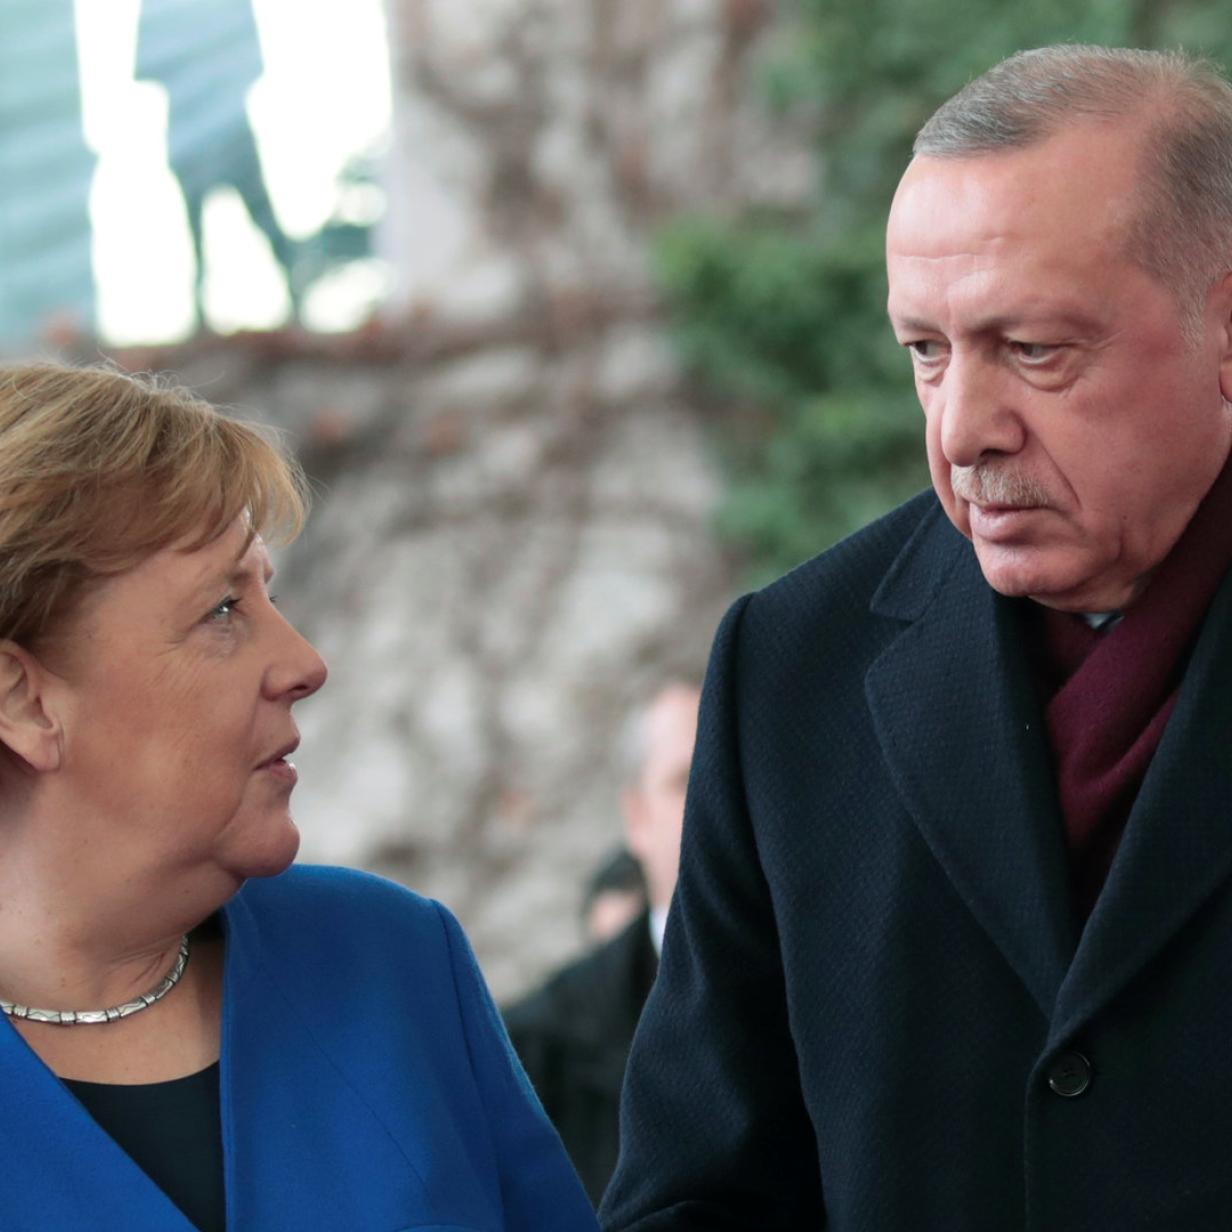 Flüchtlinge: Wie es nach dem Türkei-Deal weitergeht